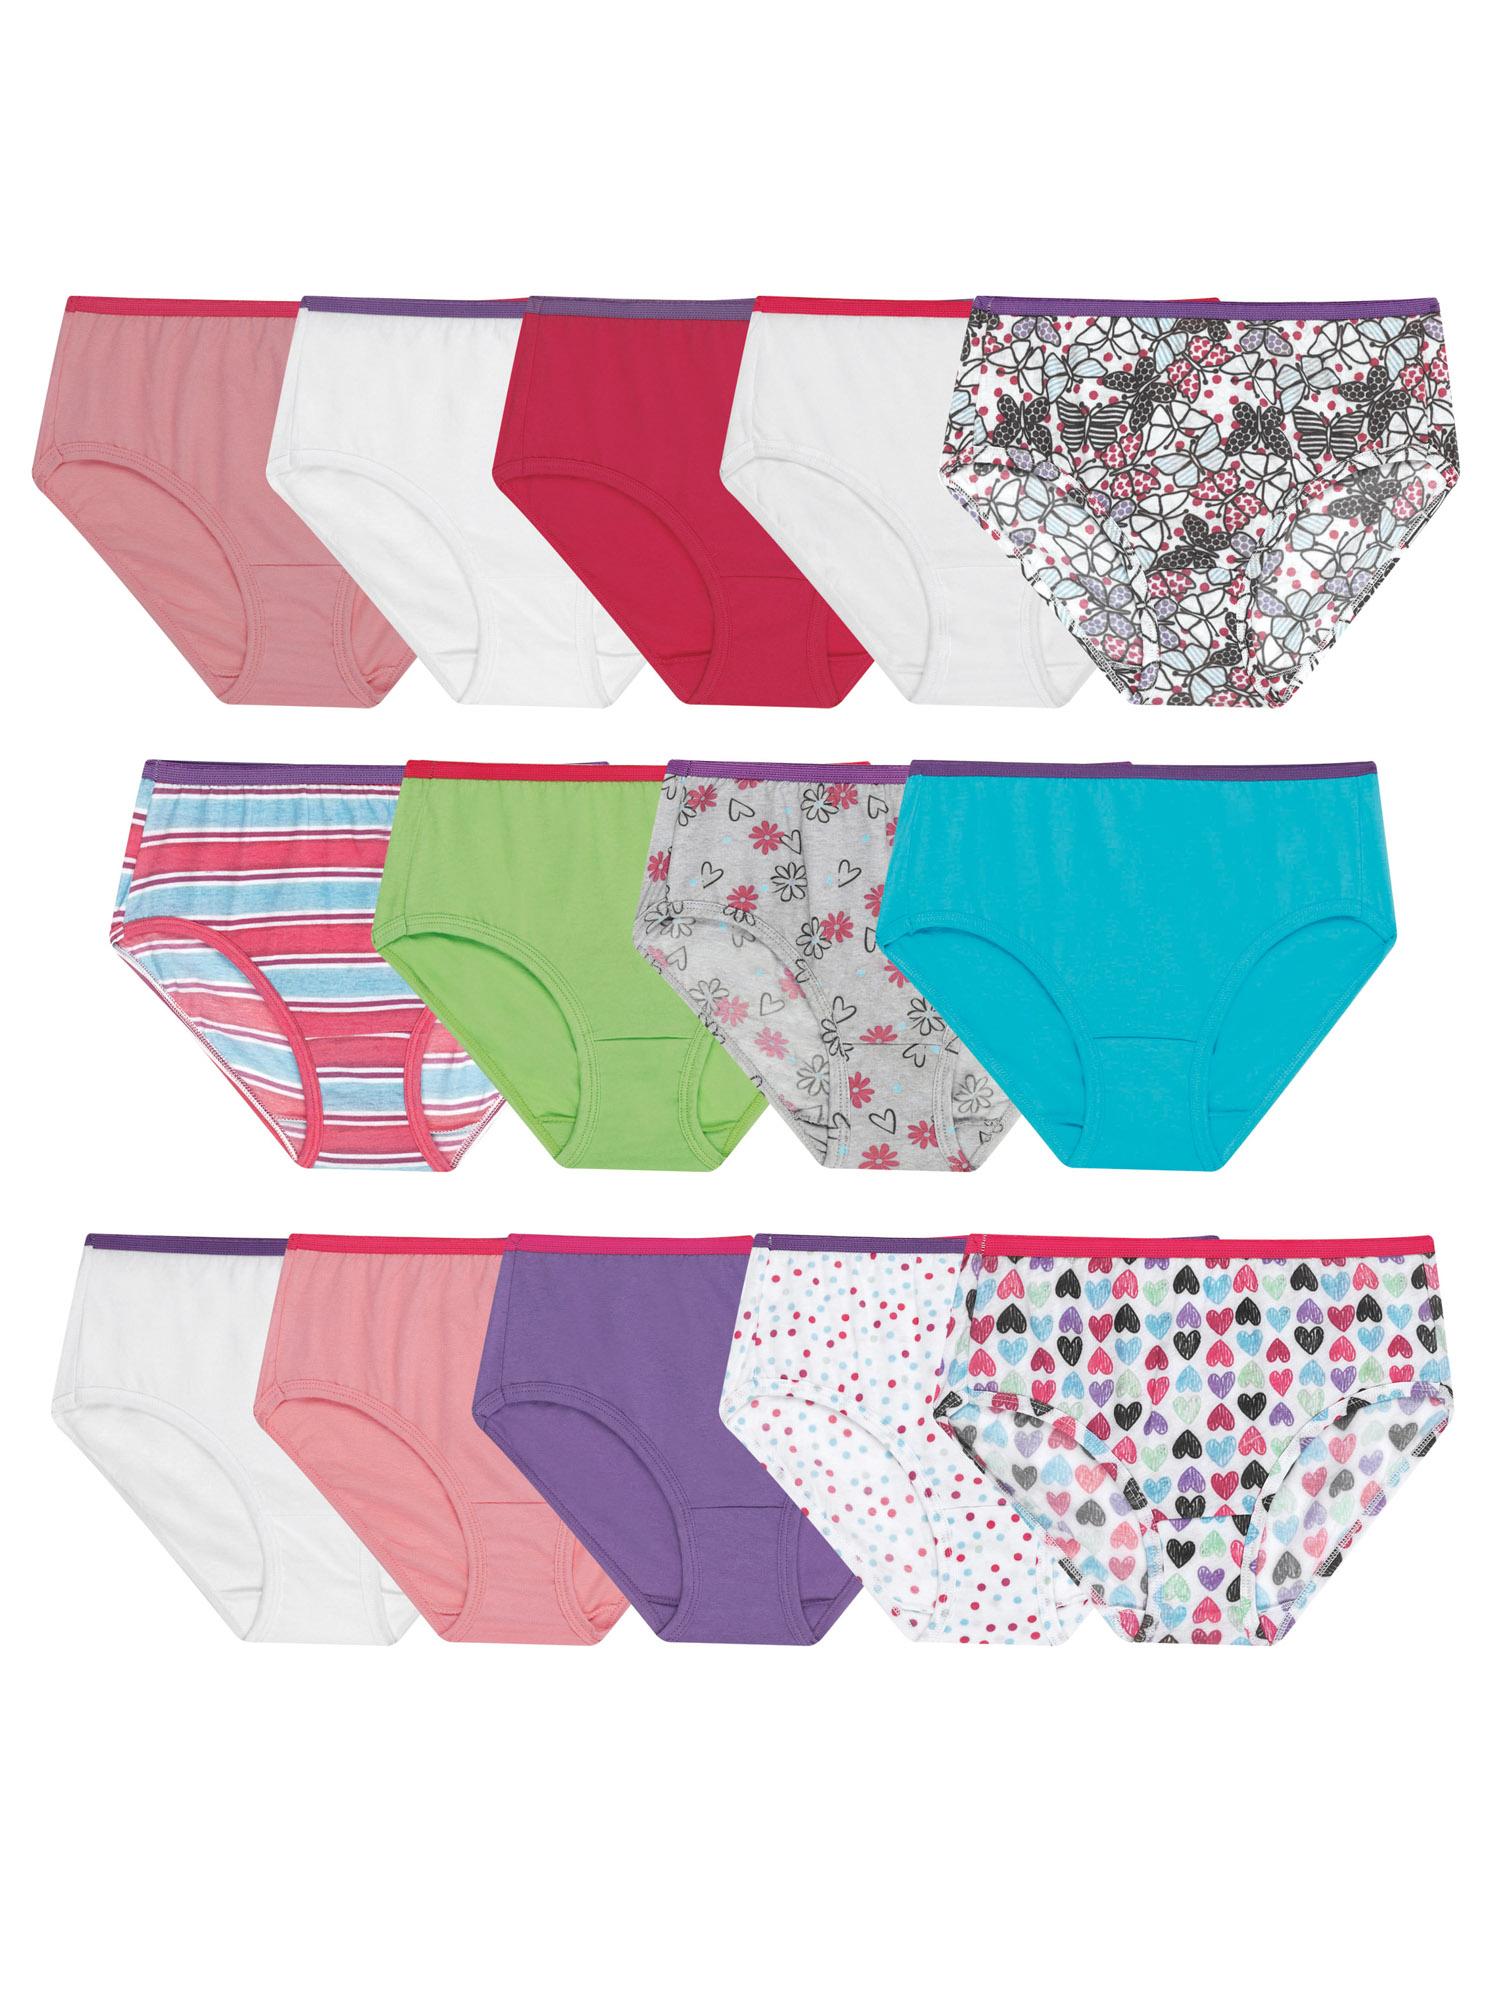 Hanes Girls' Brief 14 Pack